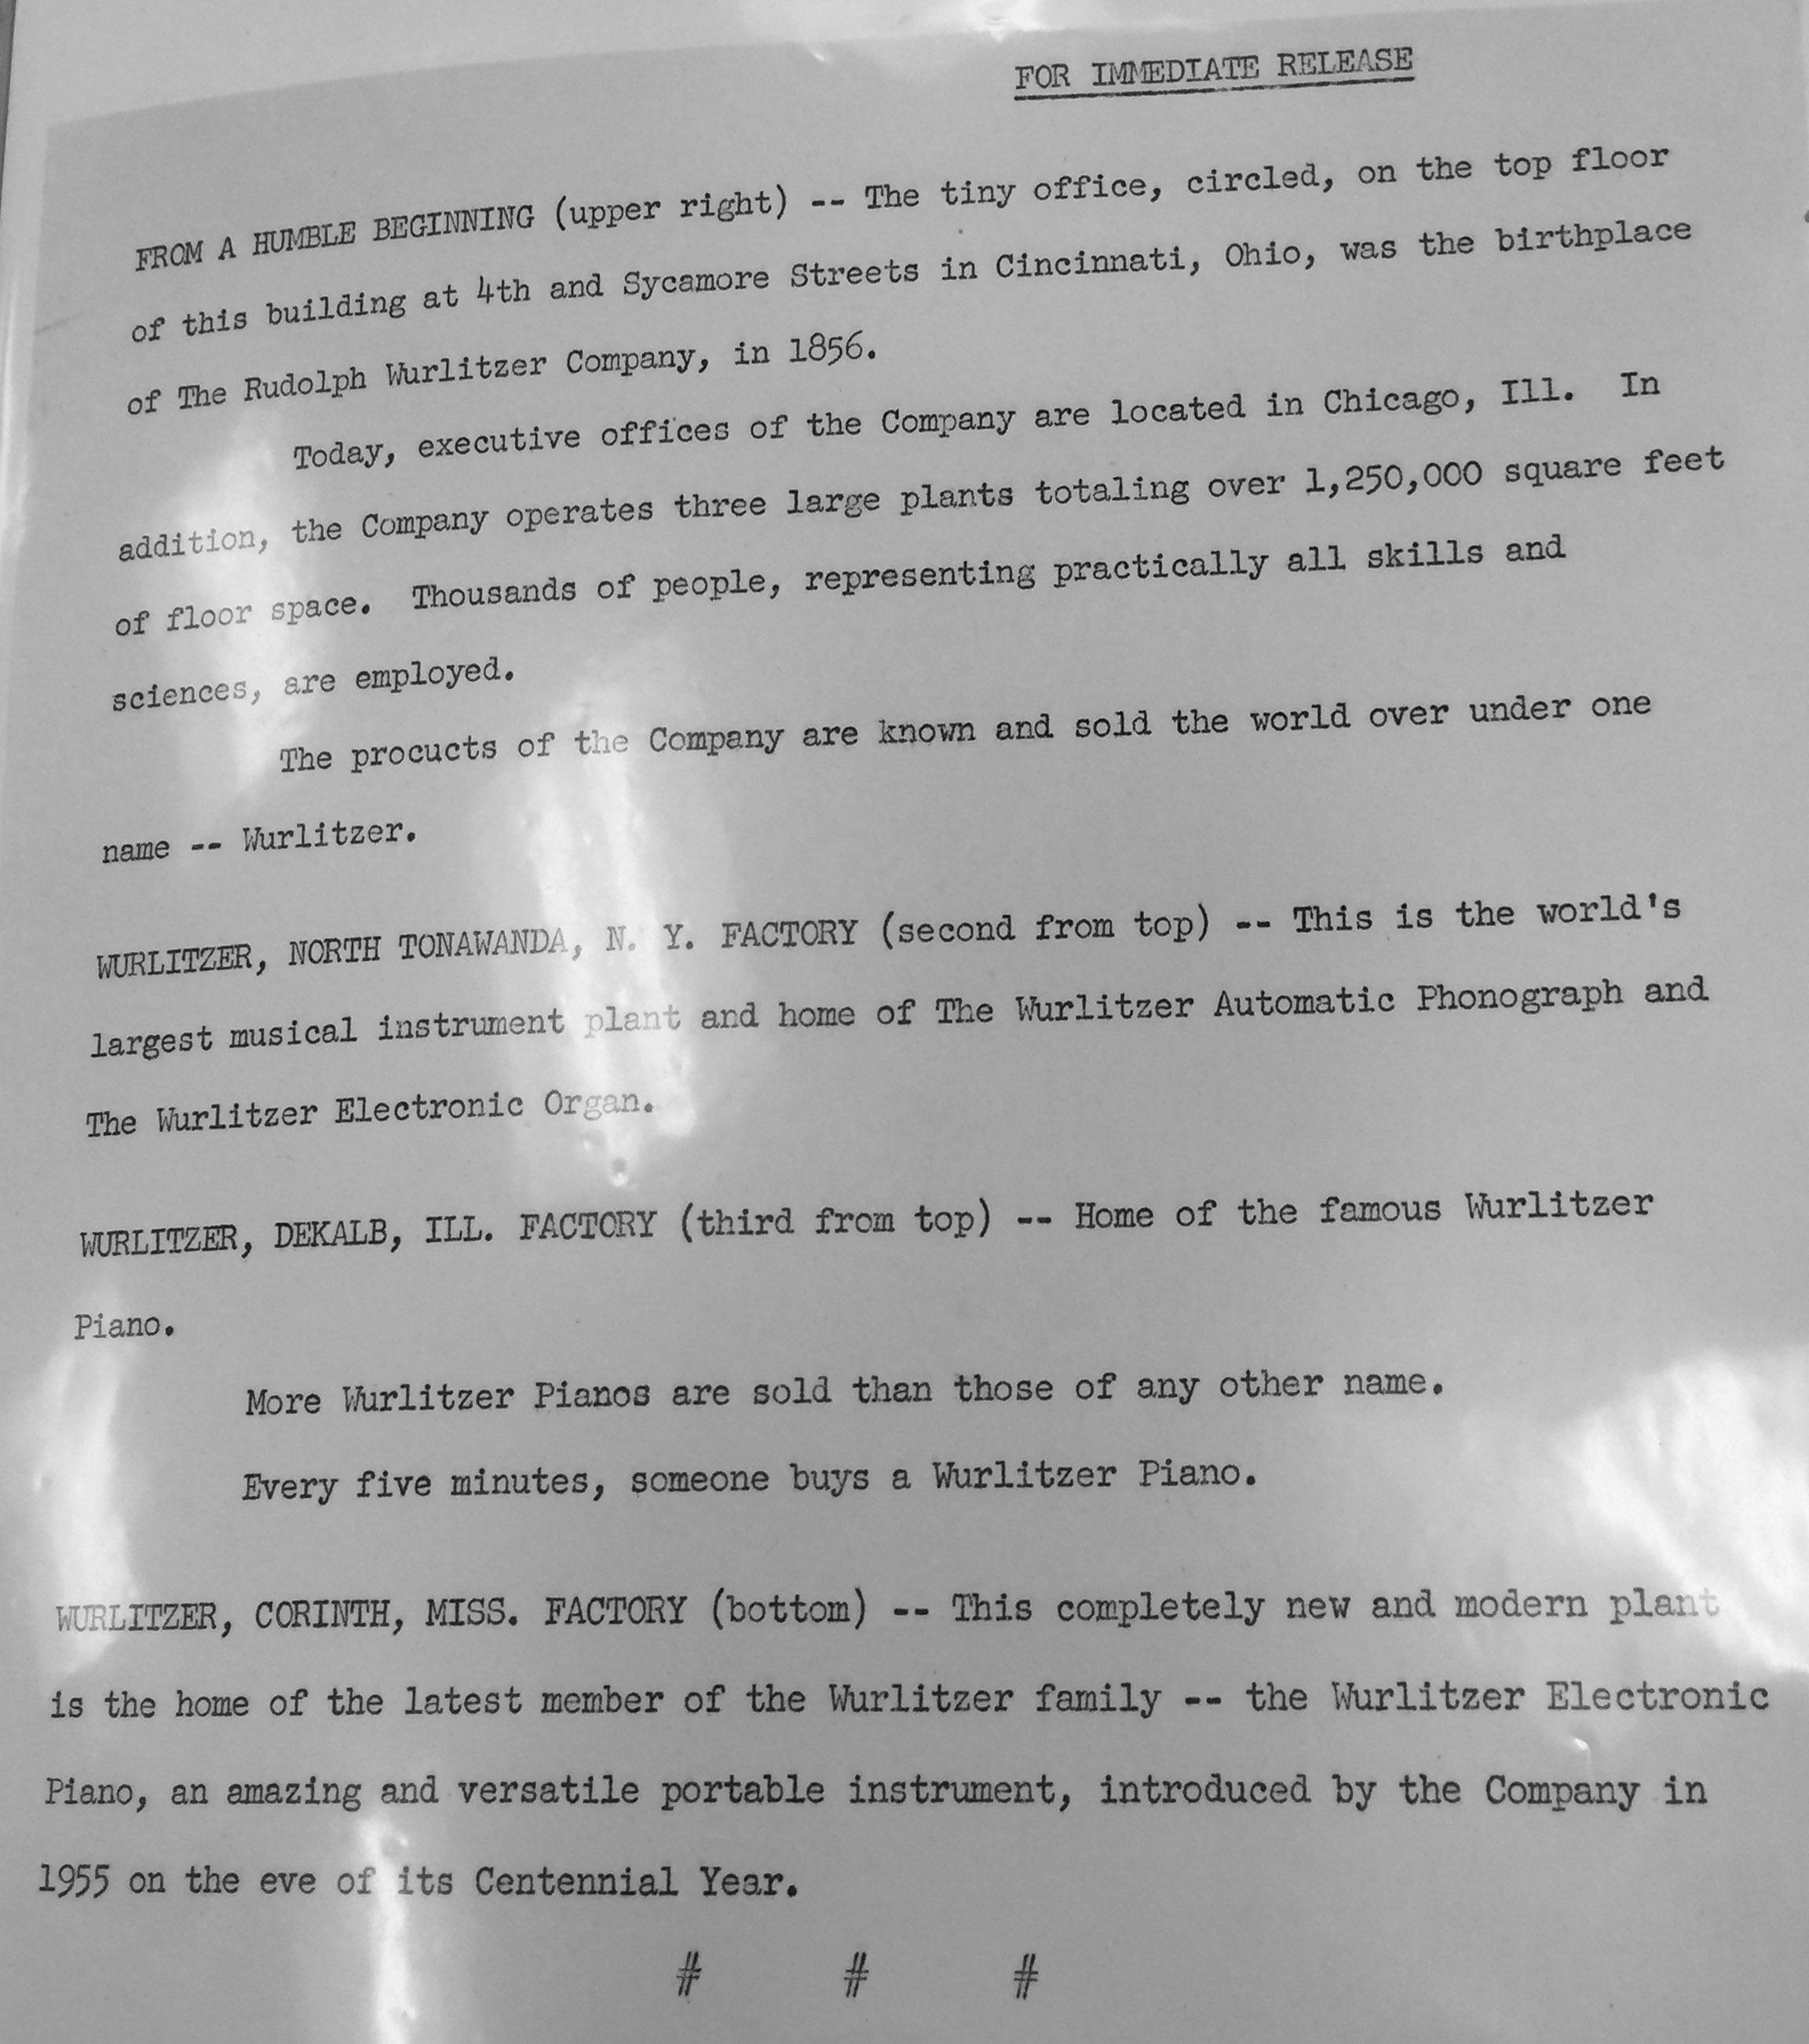 Wurlitzer press release on origins and three factories (1956).jpg